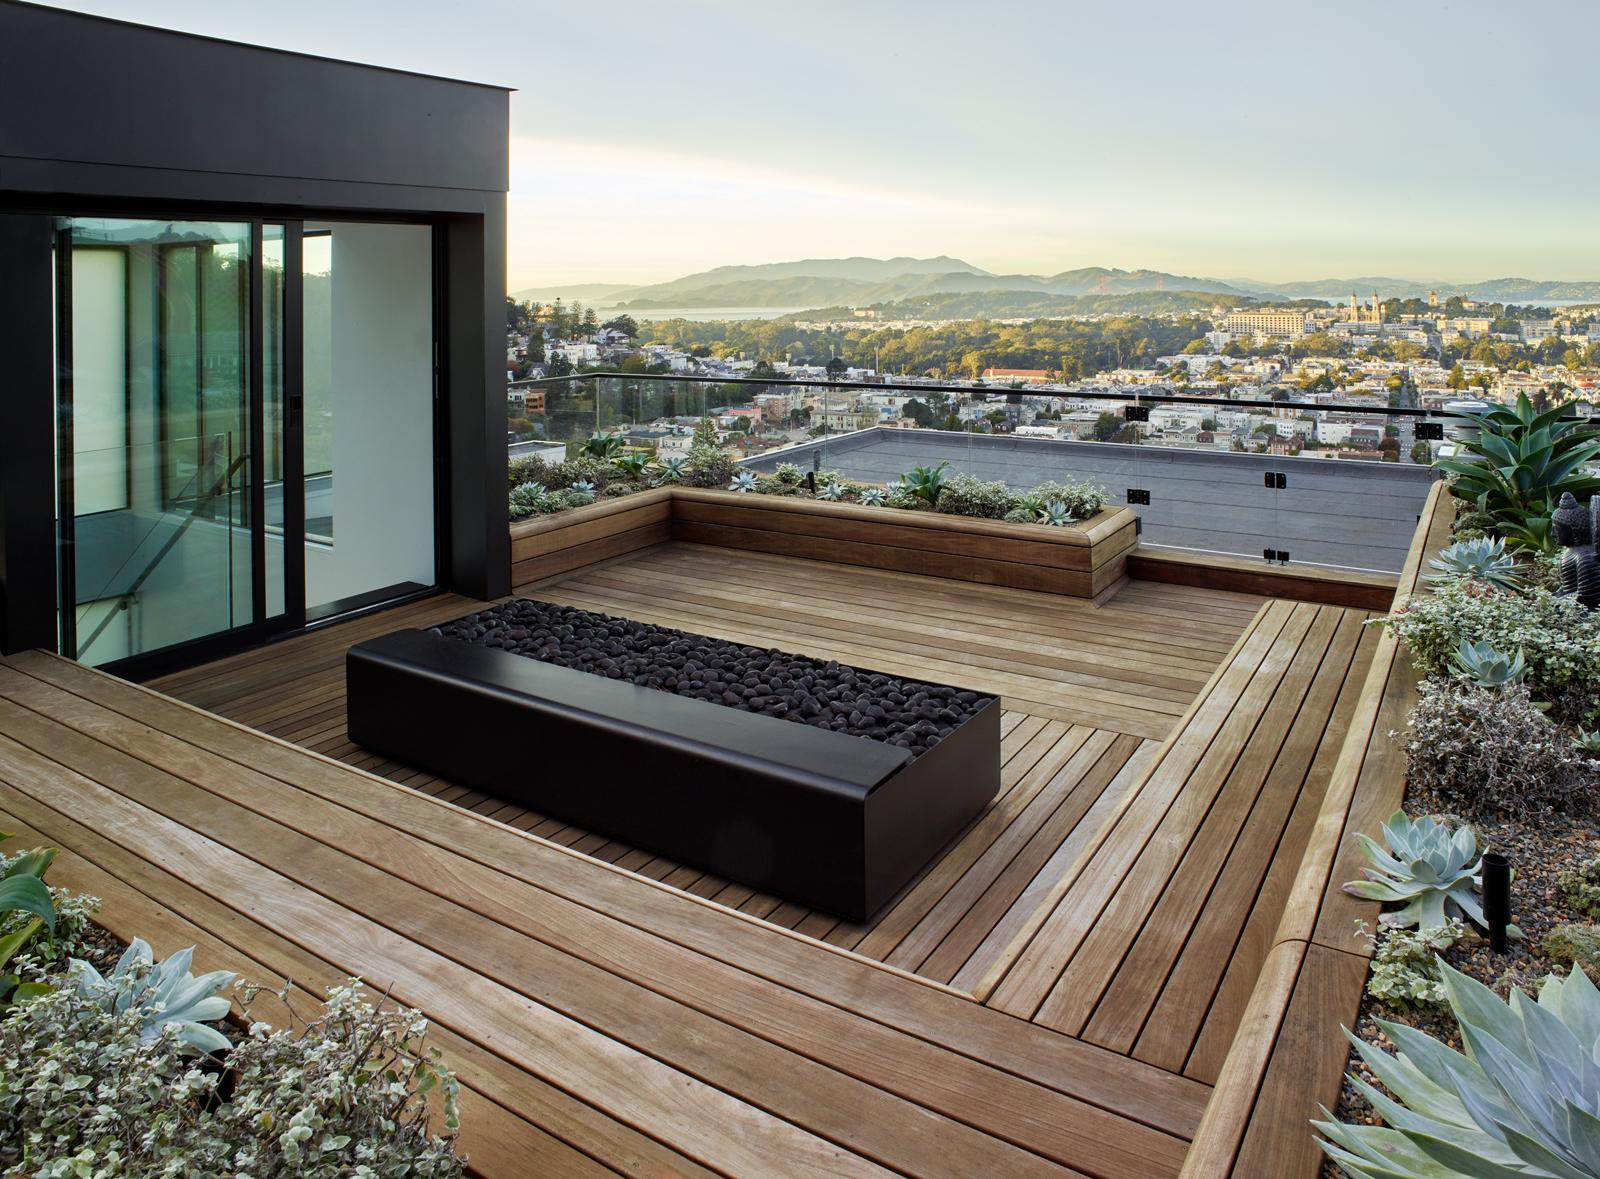 Design Line Construction Hillside Haven Modern Roof Deck Roof Garden Golden Gate View Surface Design Marion Brenner 1611 037 1 Jpg Design Line Construction